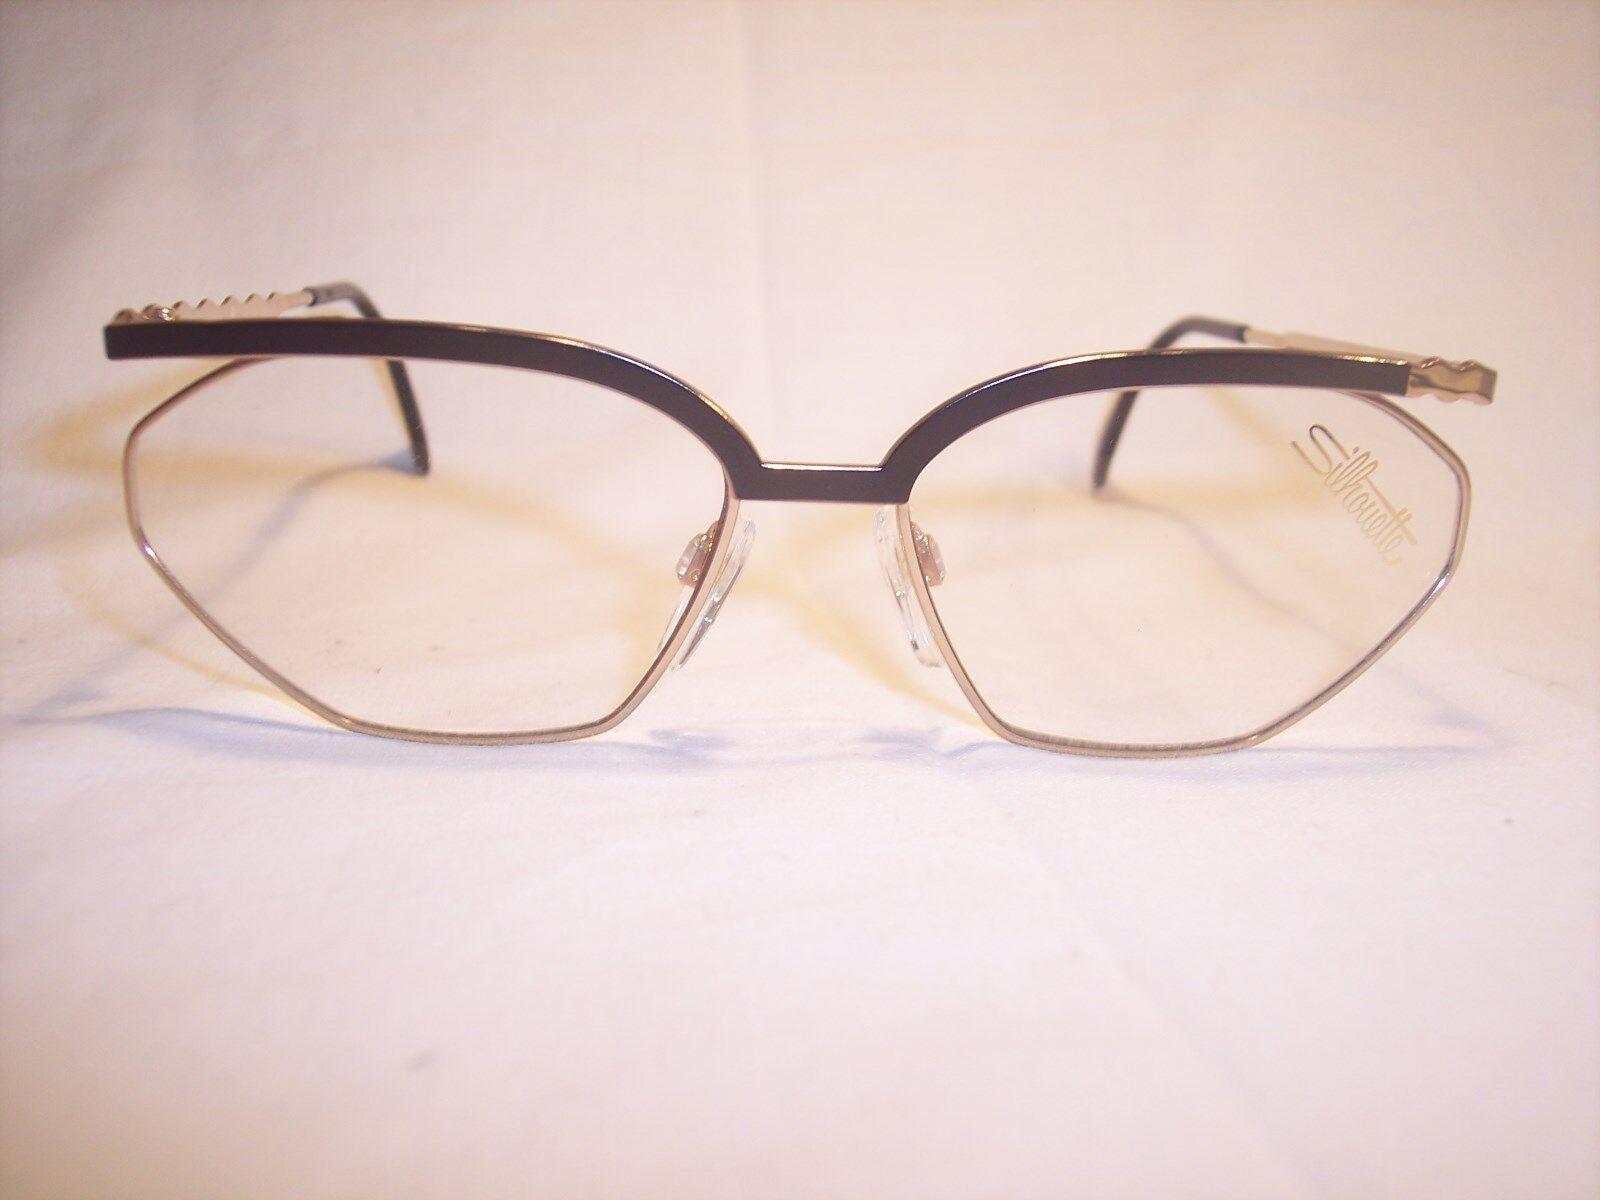 Damenbrille Damenbrille Damenbrille Eyeglasses by SILHOUETTE Austria 100% Original-Vintage 80 90er | Spaß  | Stilvoll und lustig  | Zu verkaufen  2ae0aa